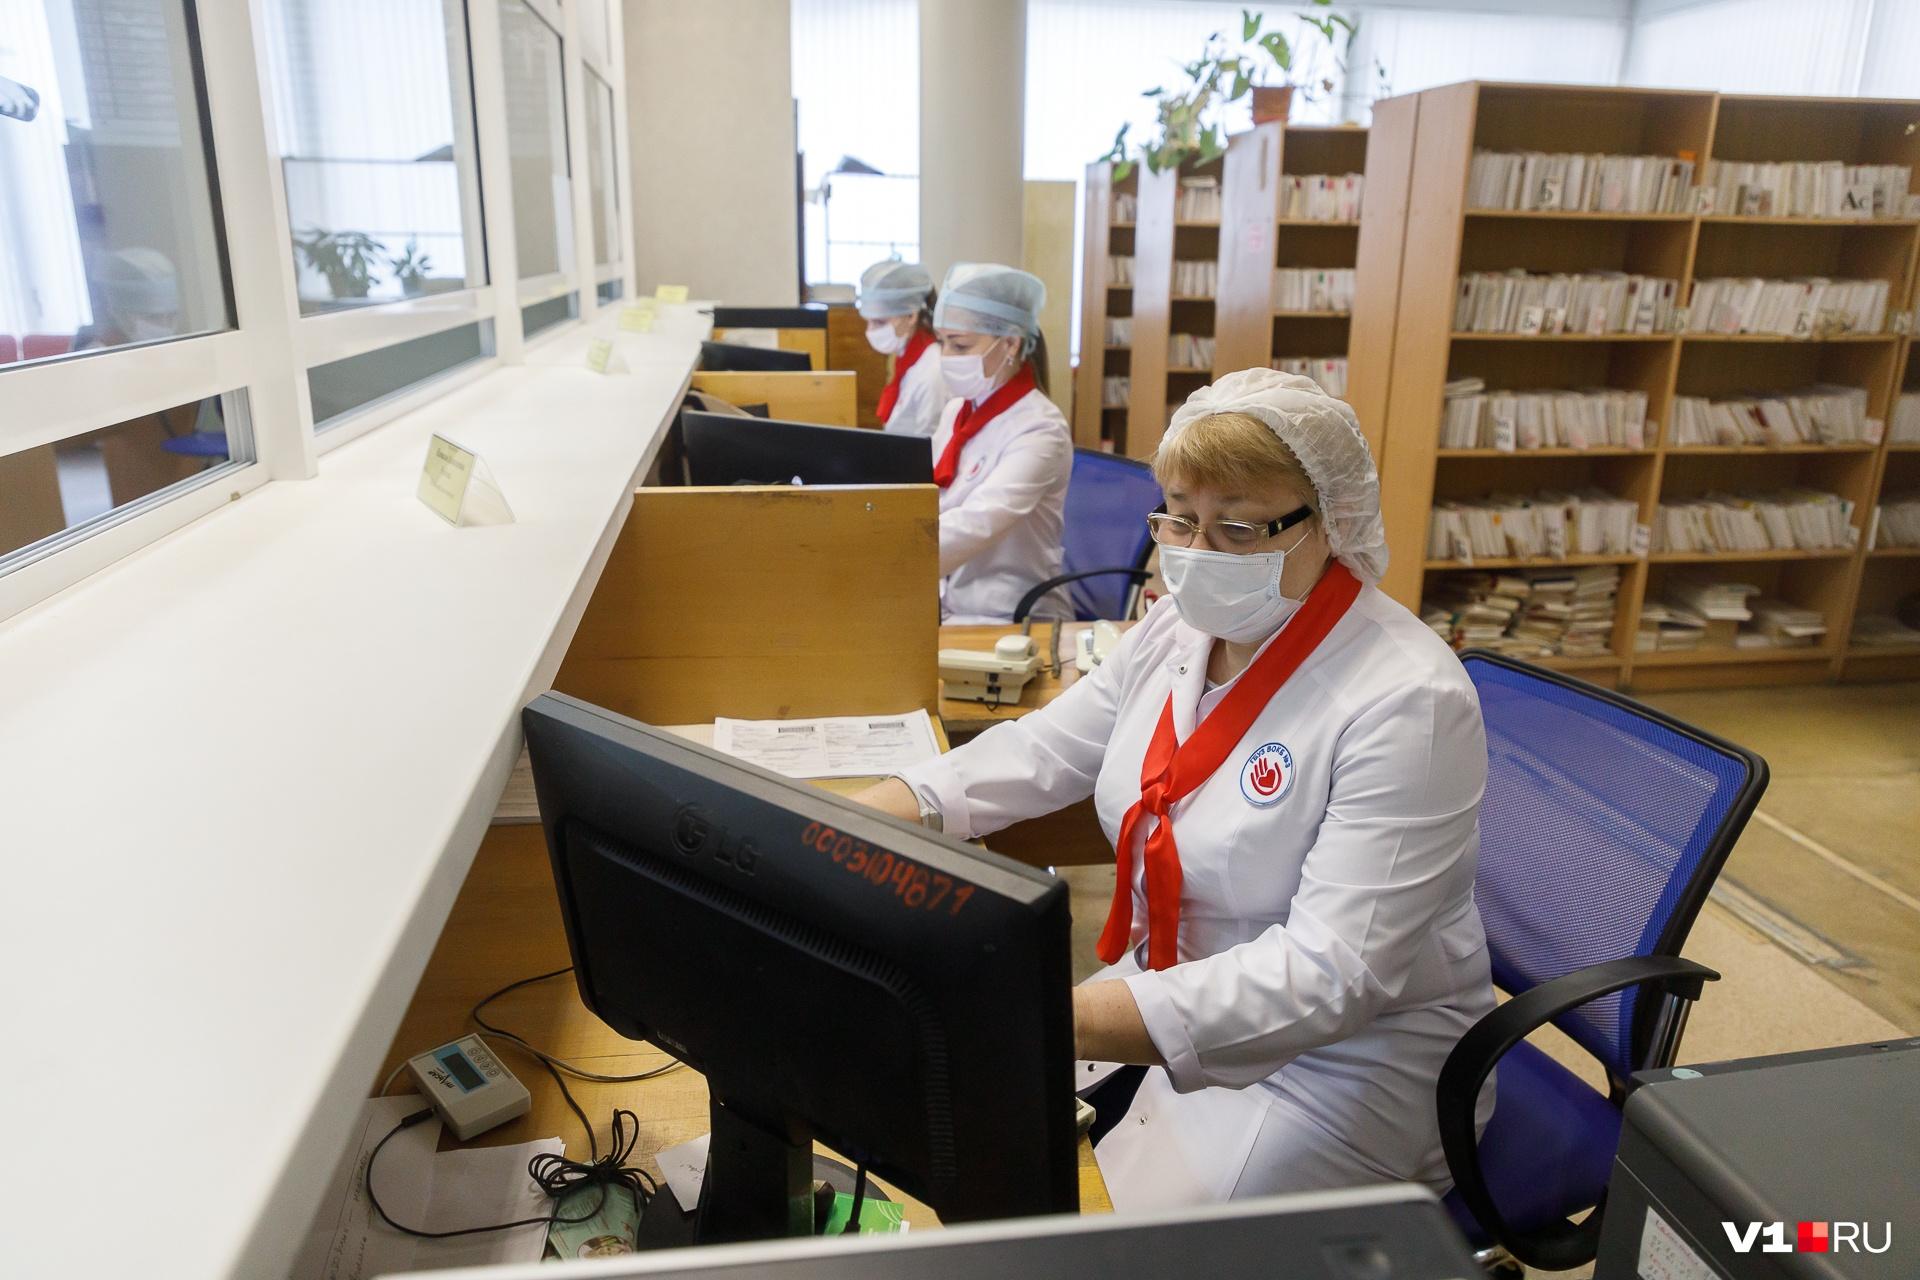 Работники поликлиник не попали в число тех, кому светят «коронавирусные» прибавки, но в деньгах они рискуют сильно потерять